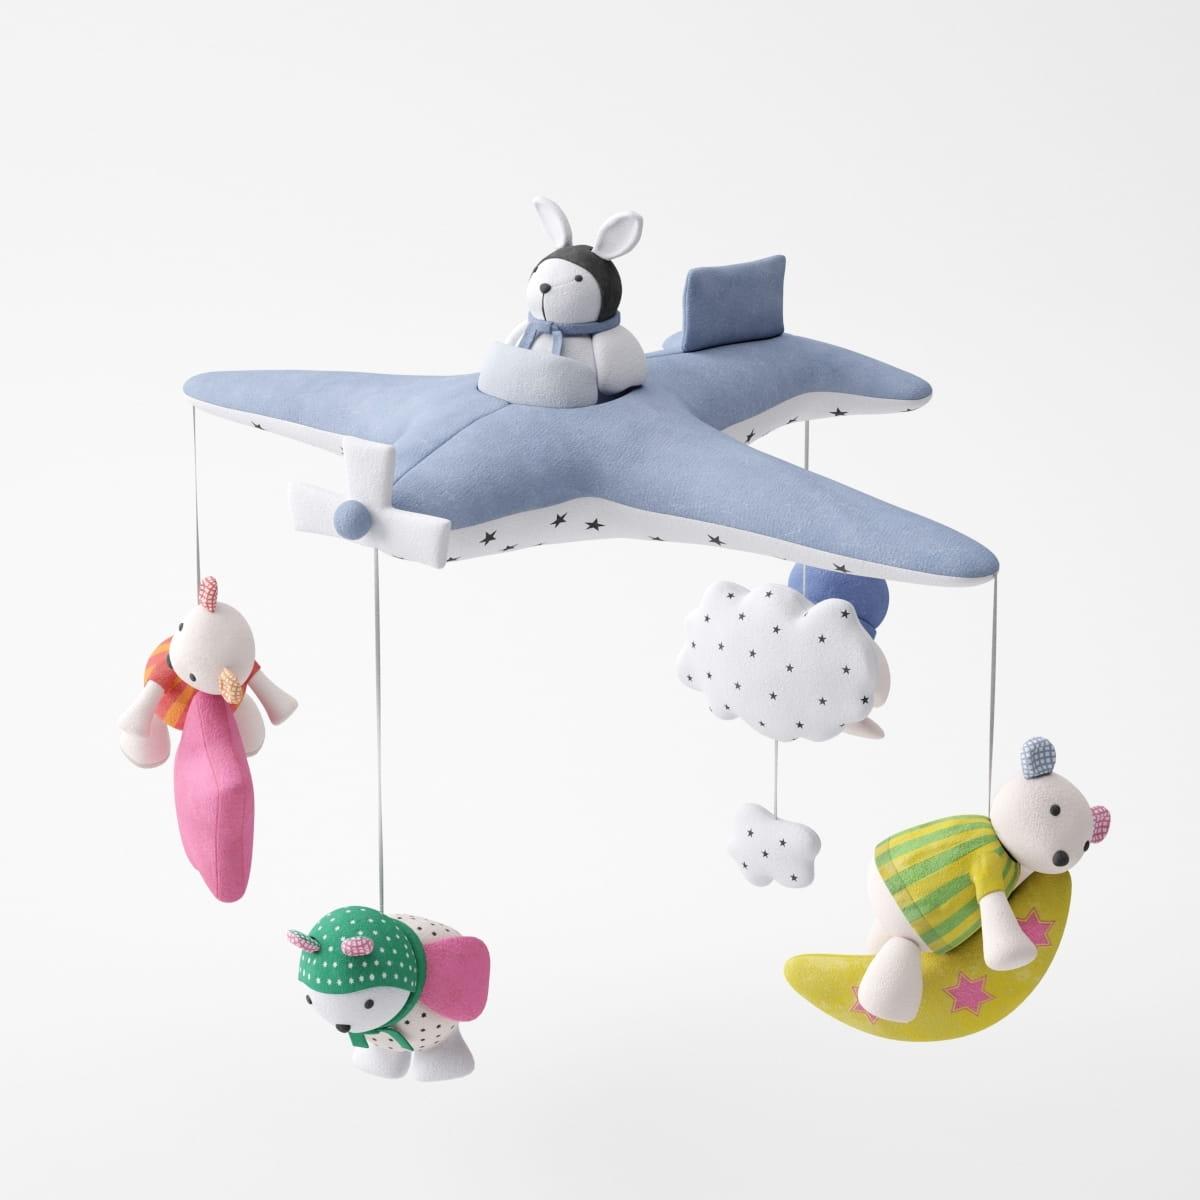 toy 5 AM232 Archmodels